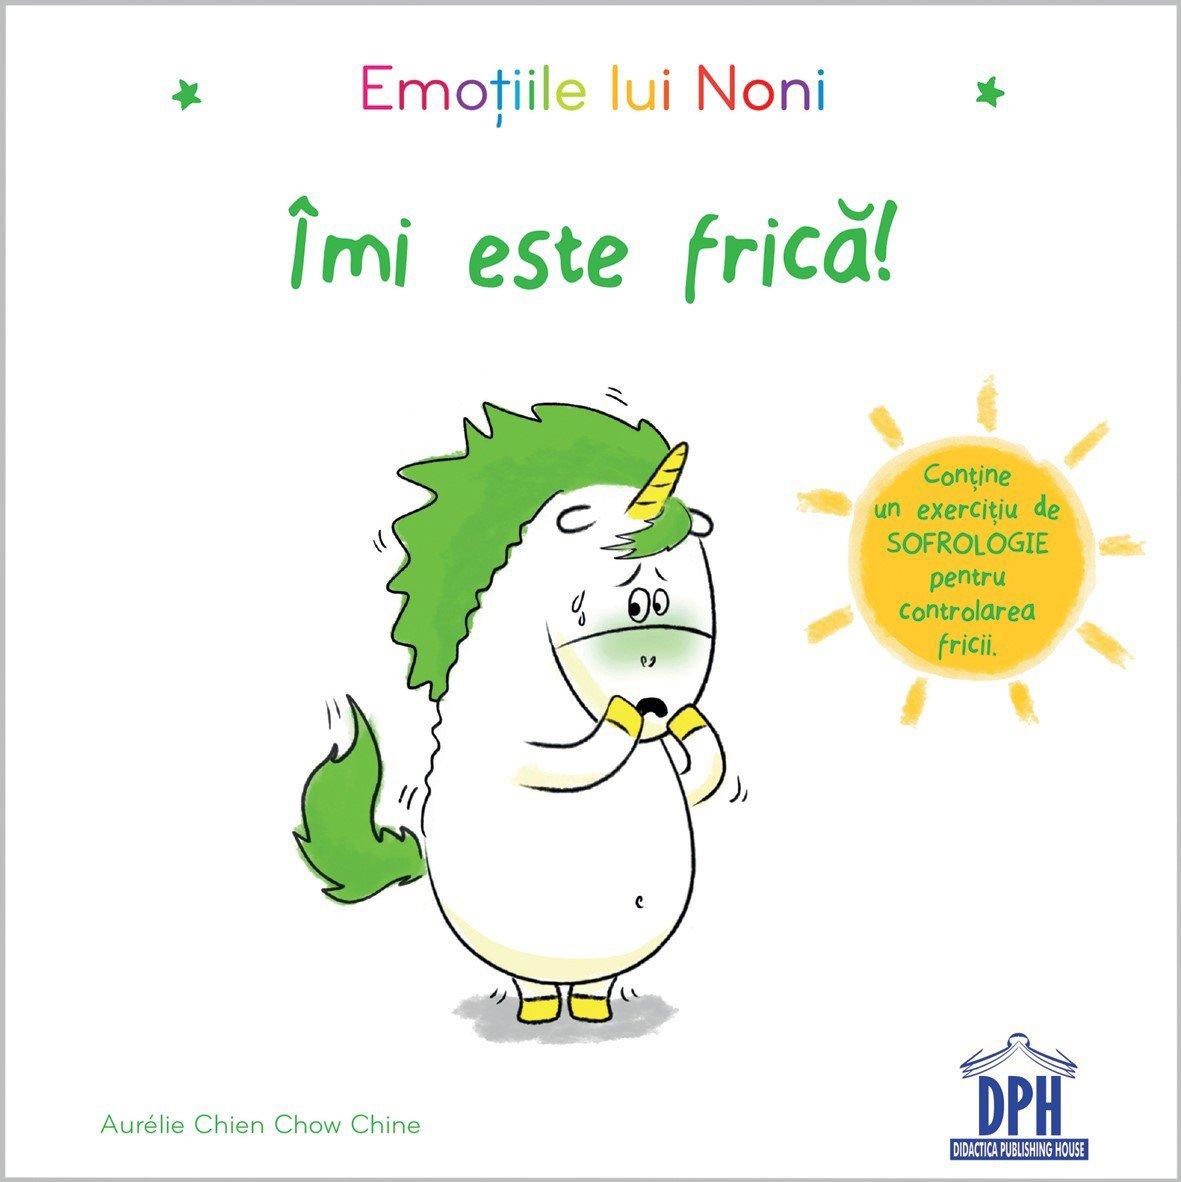 Carte Emotiile lui Noni - Imi este frica! Editura DPH imagine 2021